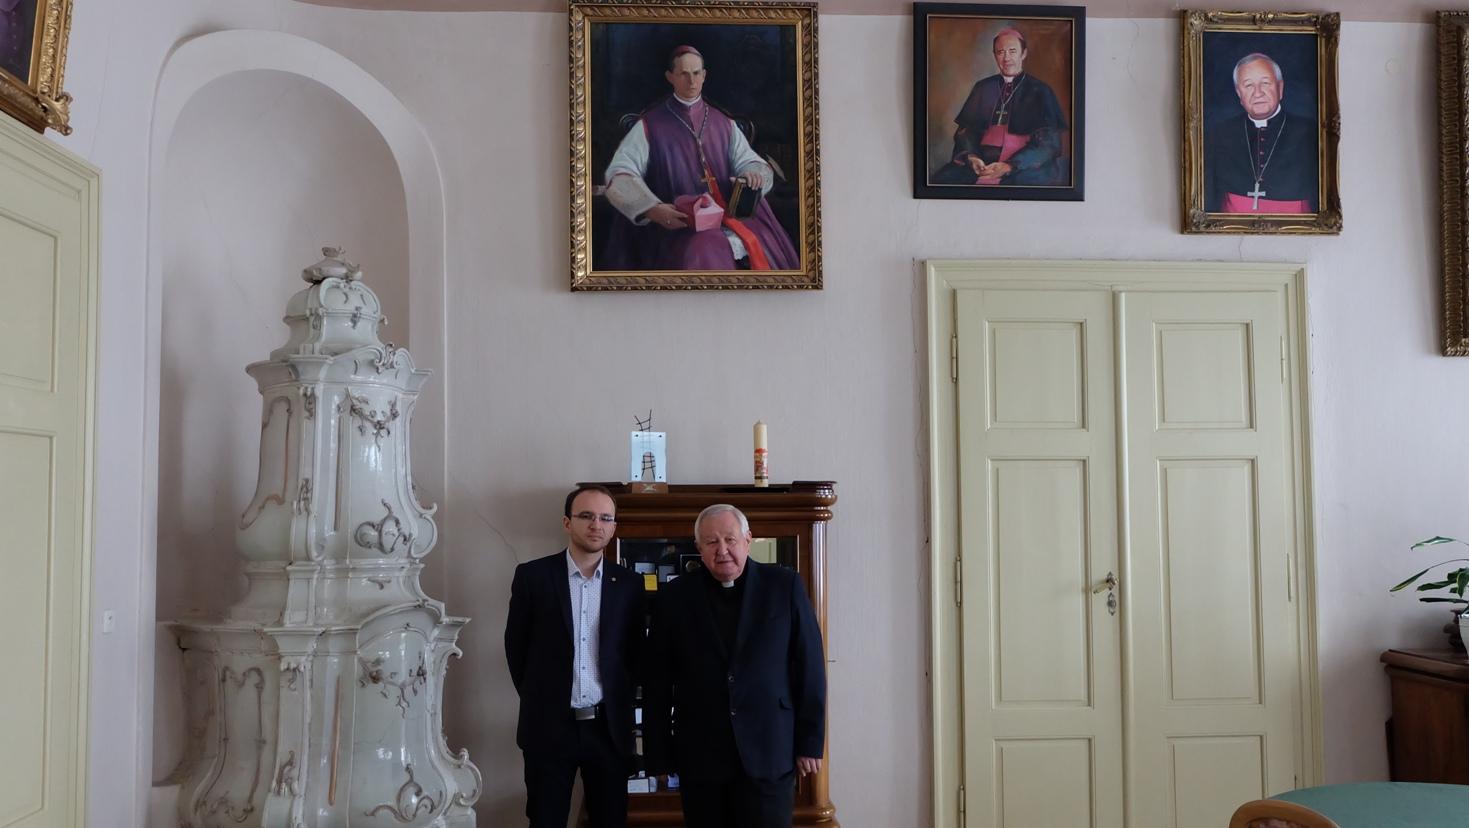 Redaktor Ivo Novák a biskup Štefan Sečka pod portrétmi biskupov (zľava) Jána Vojtaššáka, Františka Tondru a súčasného diecézneho biskupa